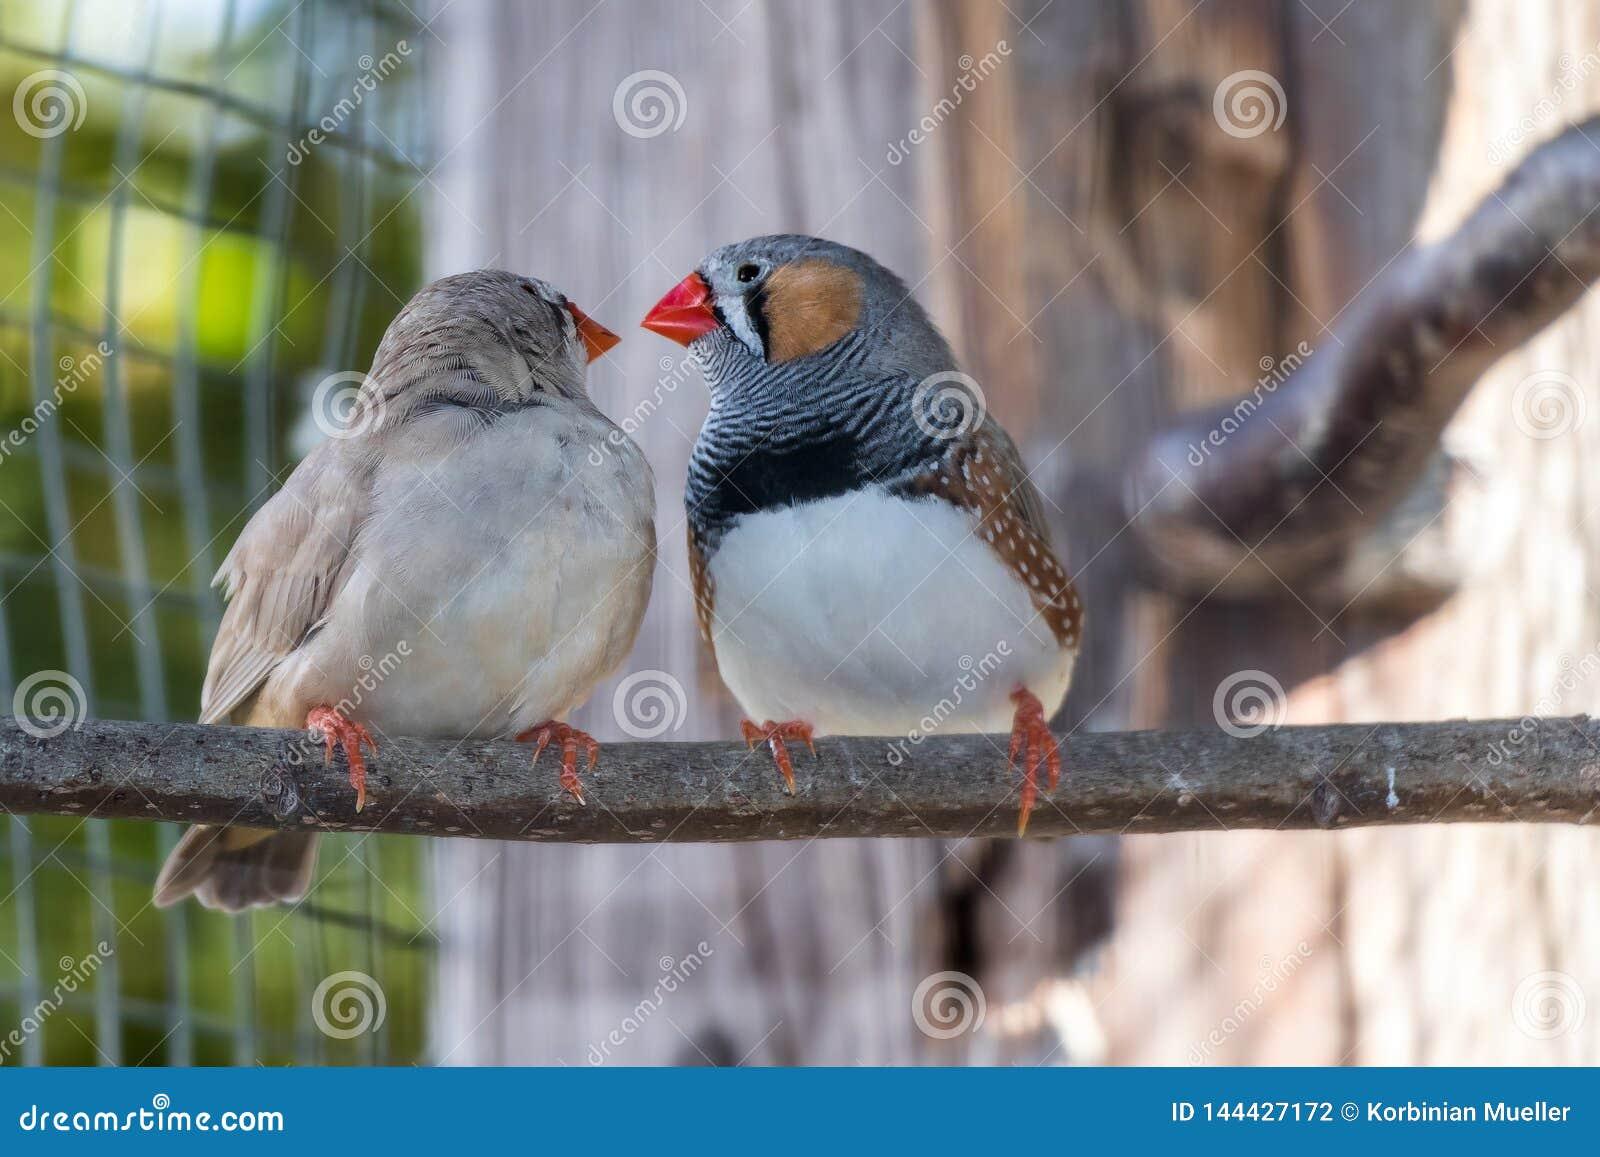 Förälskelse mellan 2 fåglar